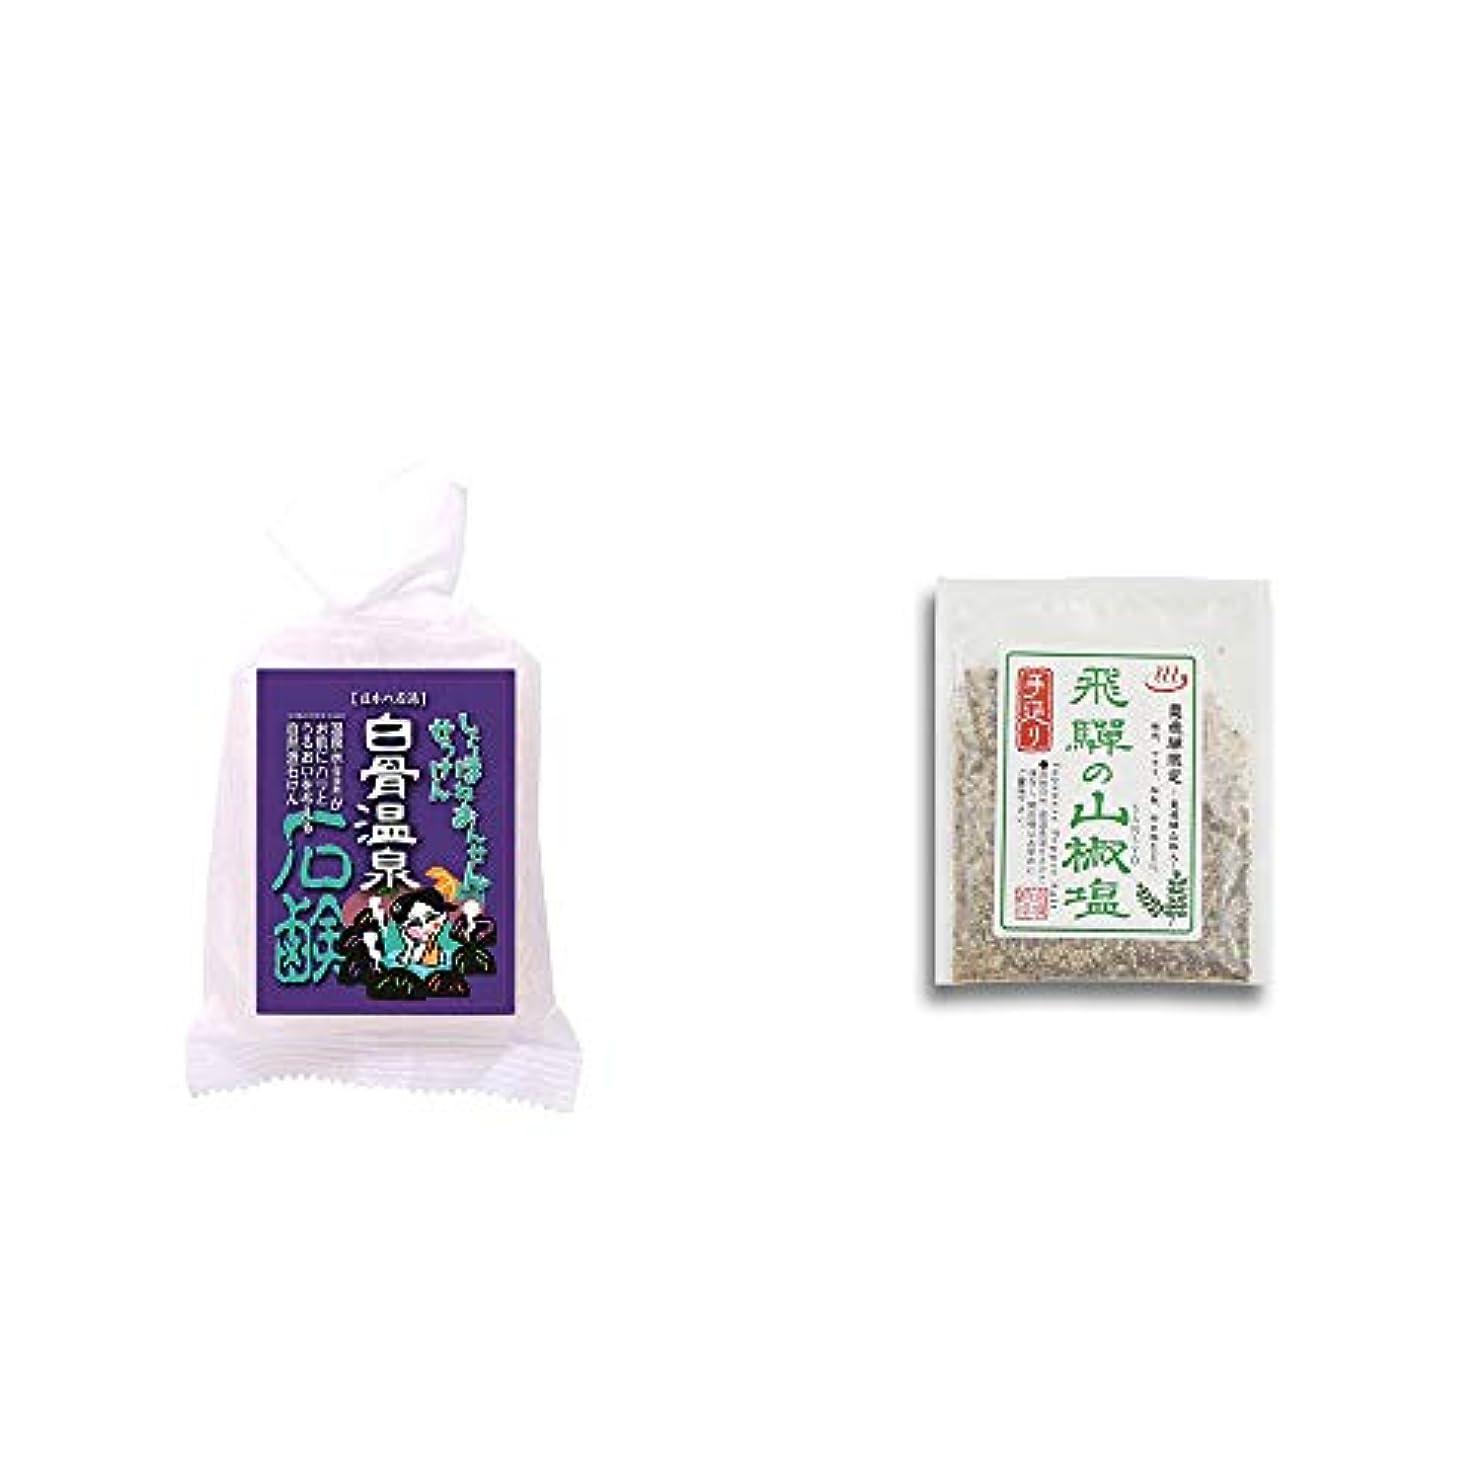 胃探偵誤解させる[2点セット] 信州 白骨温泉石鹸(80g)?手造り 飛騨の山椒塩(40g)